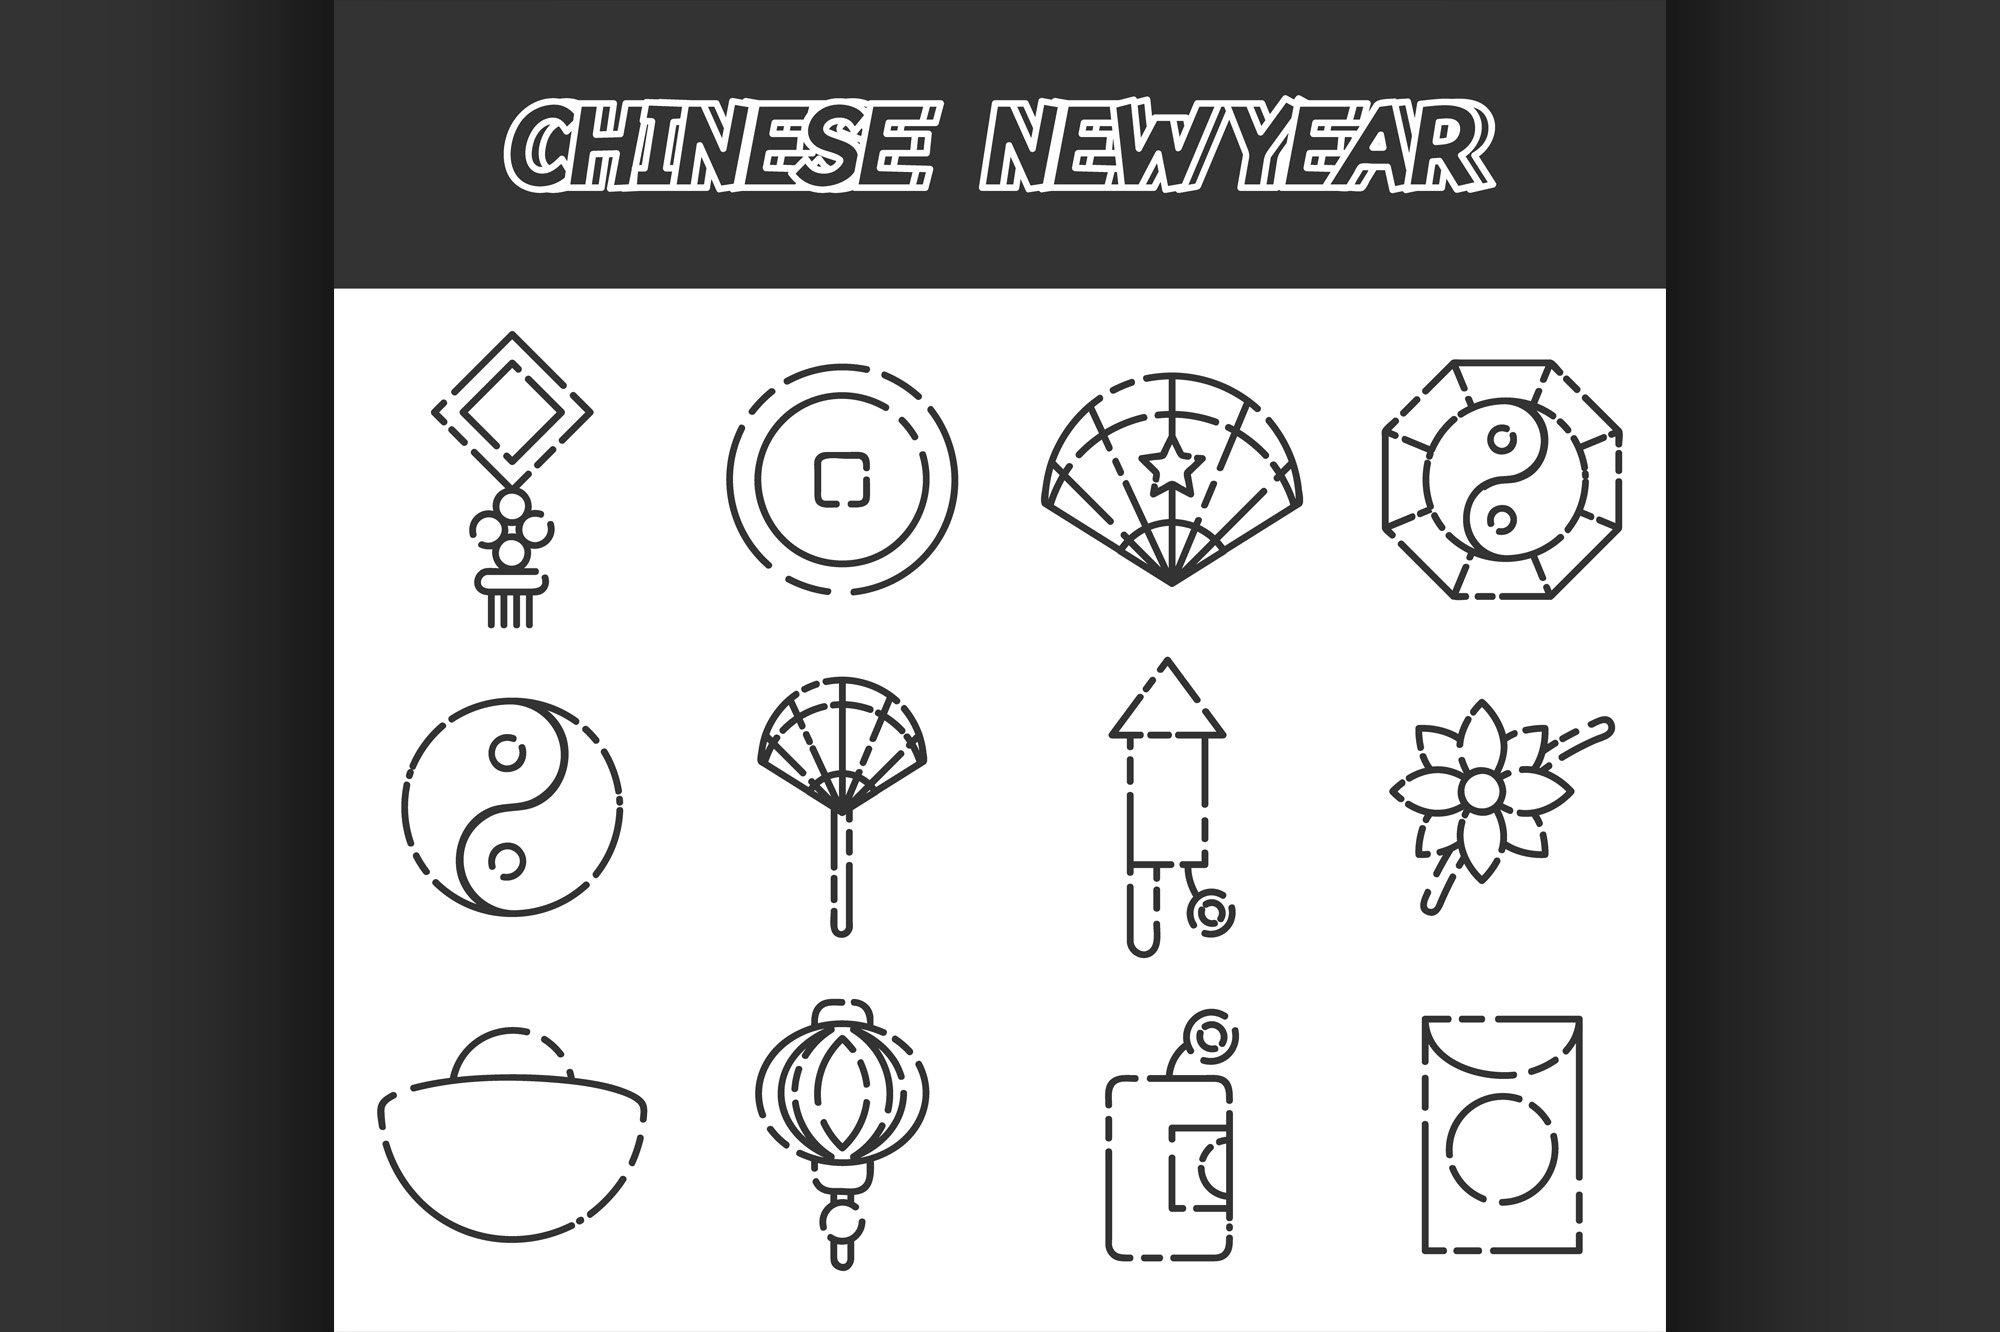 Chinese New Year flat icon set example image 1